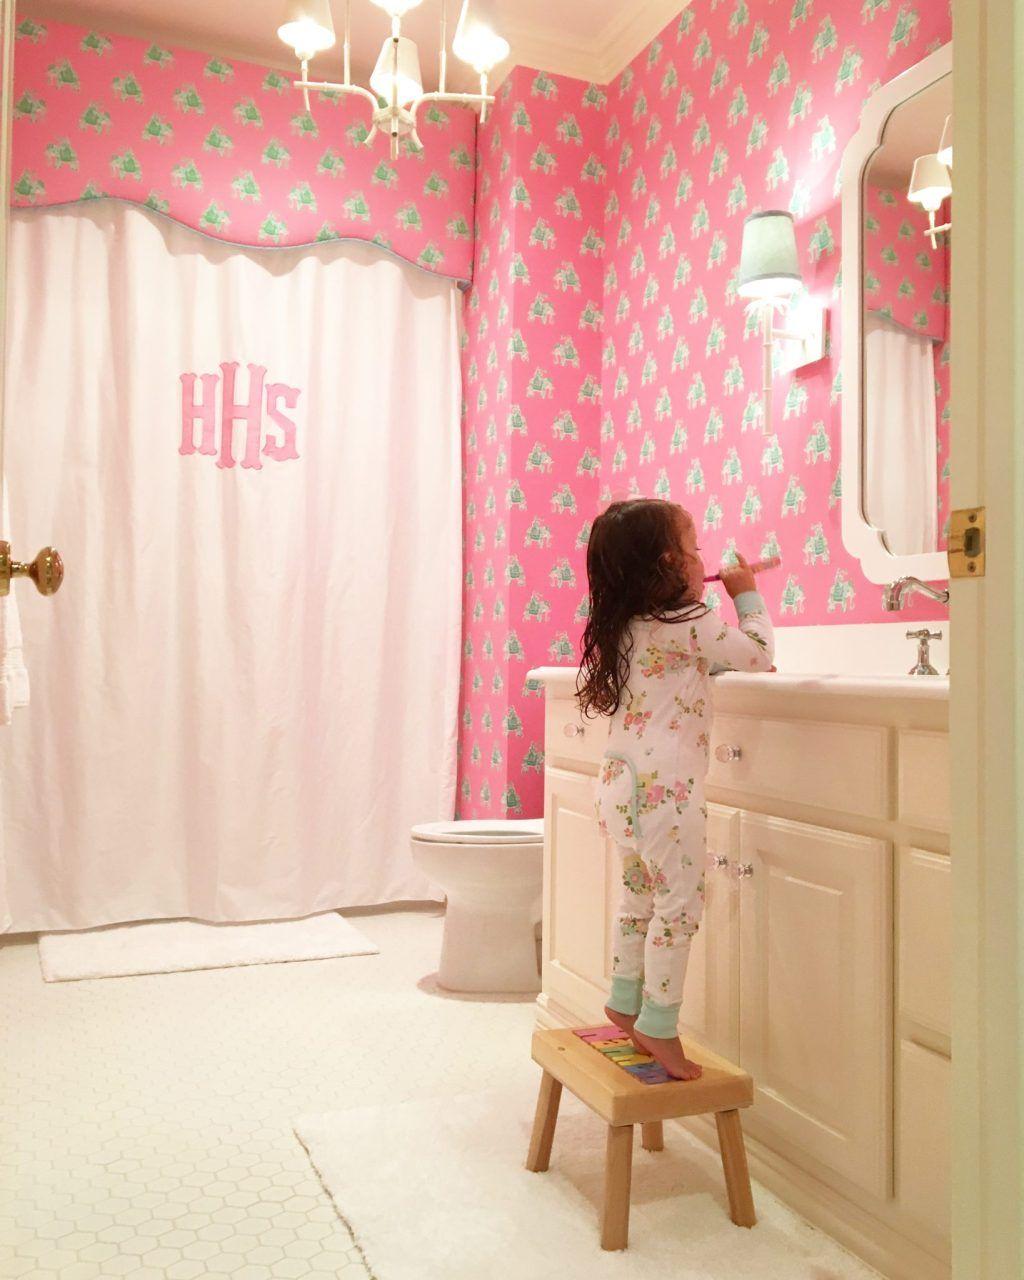 Lame Pvc Salle De Bain Avis ~ a glamorous yet kid friendly dallas home les salles de bain la